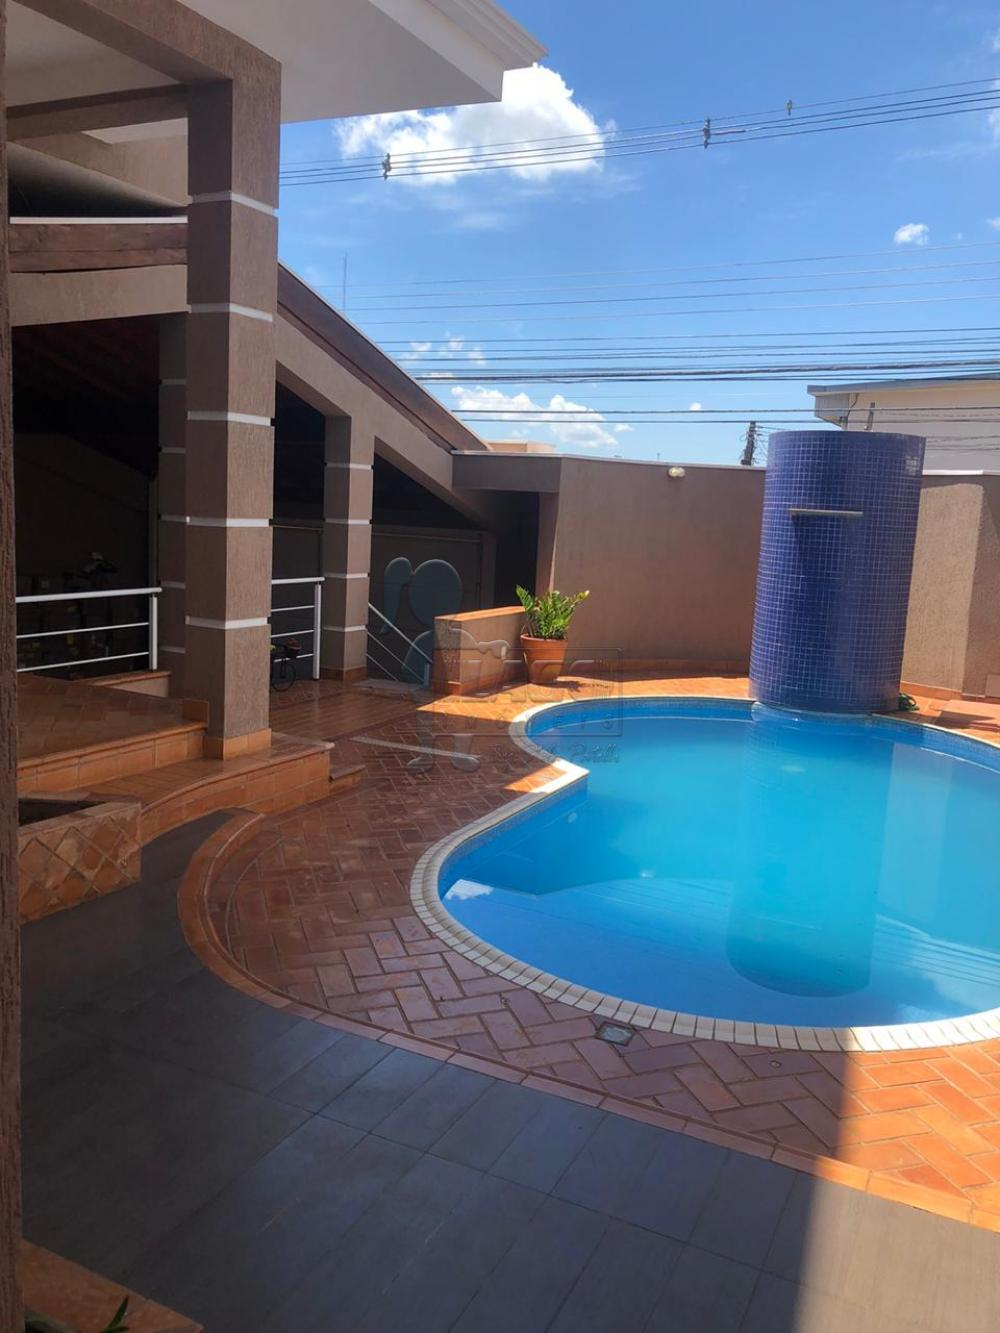 Comprar Casas / Padrão em Ribeirão Preto apenas R$ 930.000,00 - Foto 20